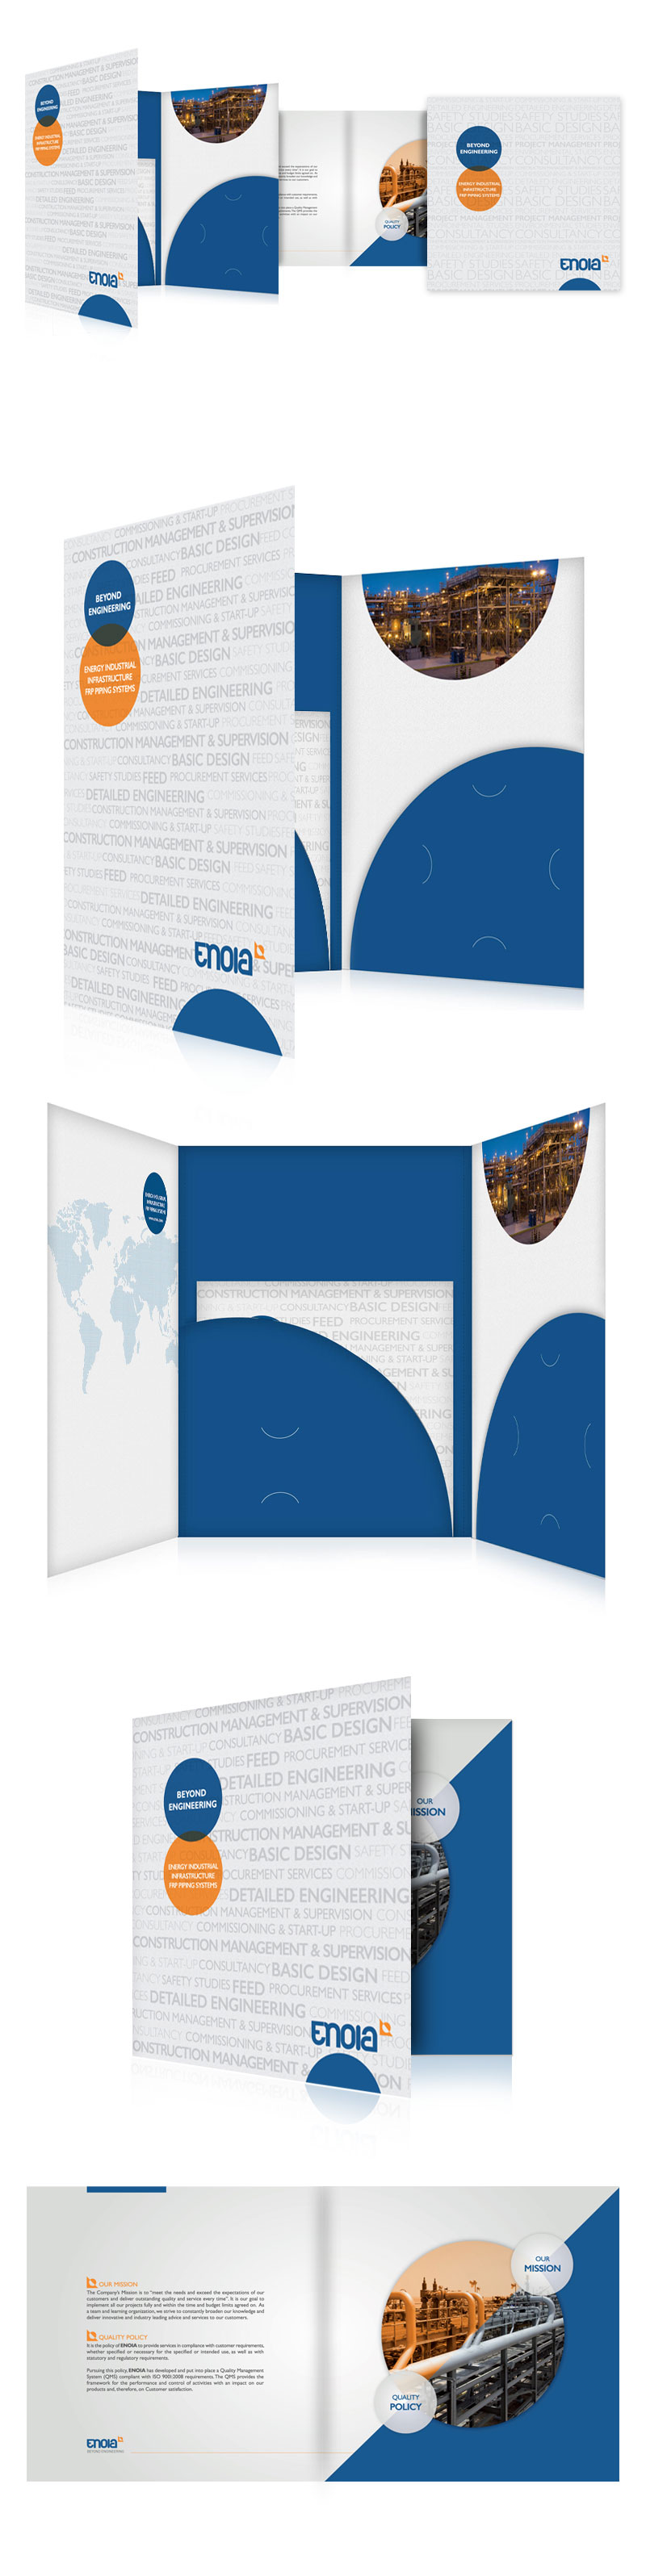 Enoia_brochure_in8